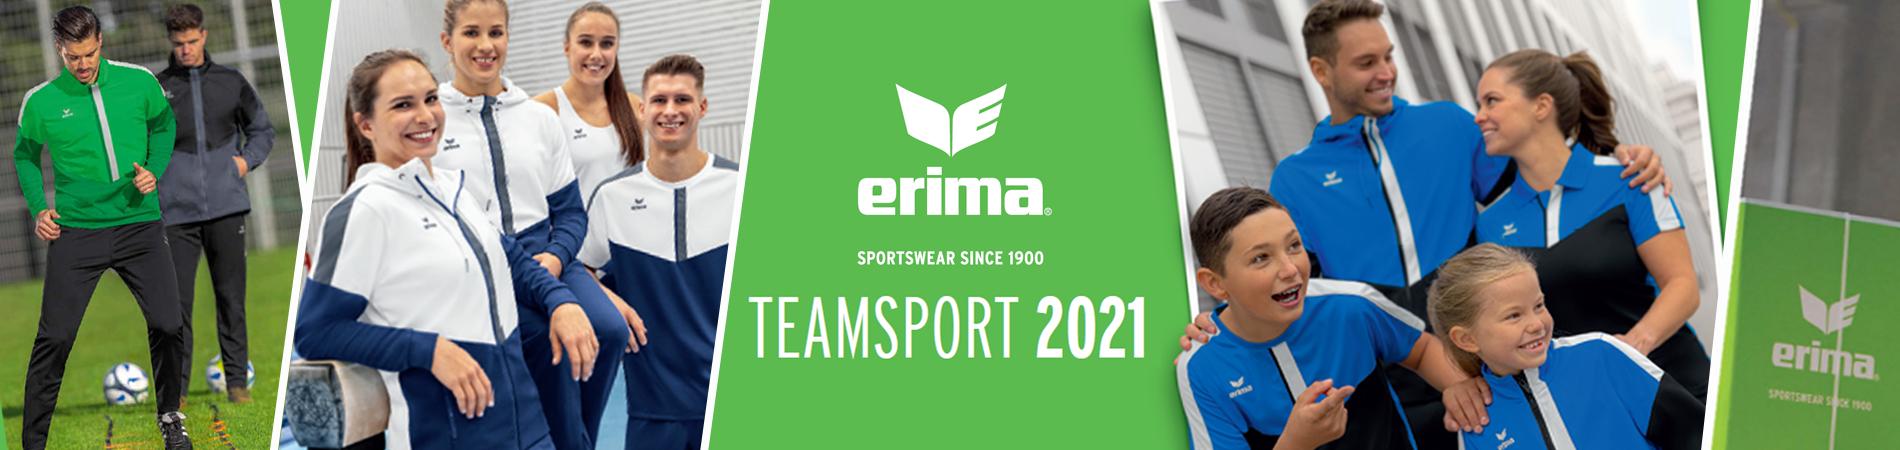 Erima Teamsport21_Header1900x450